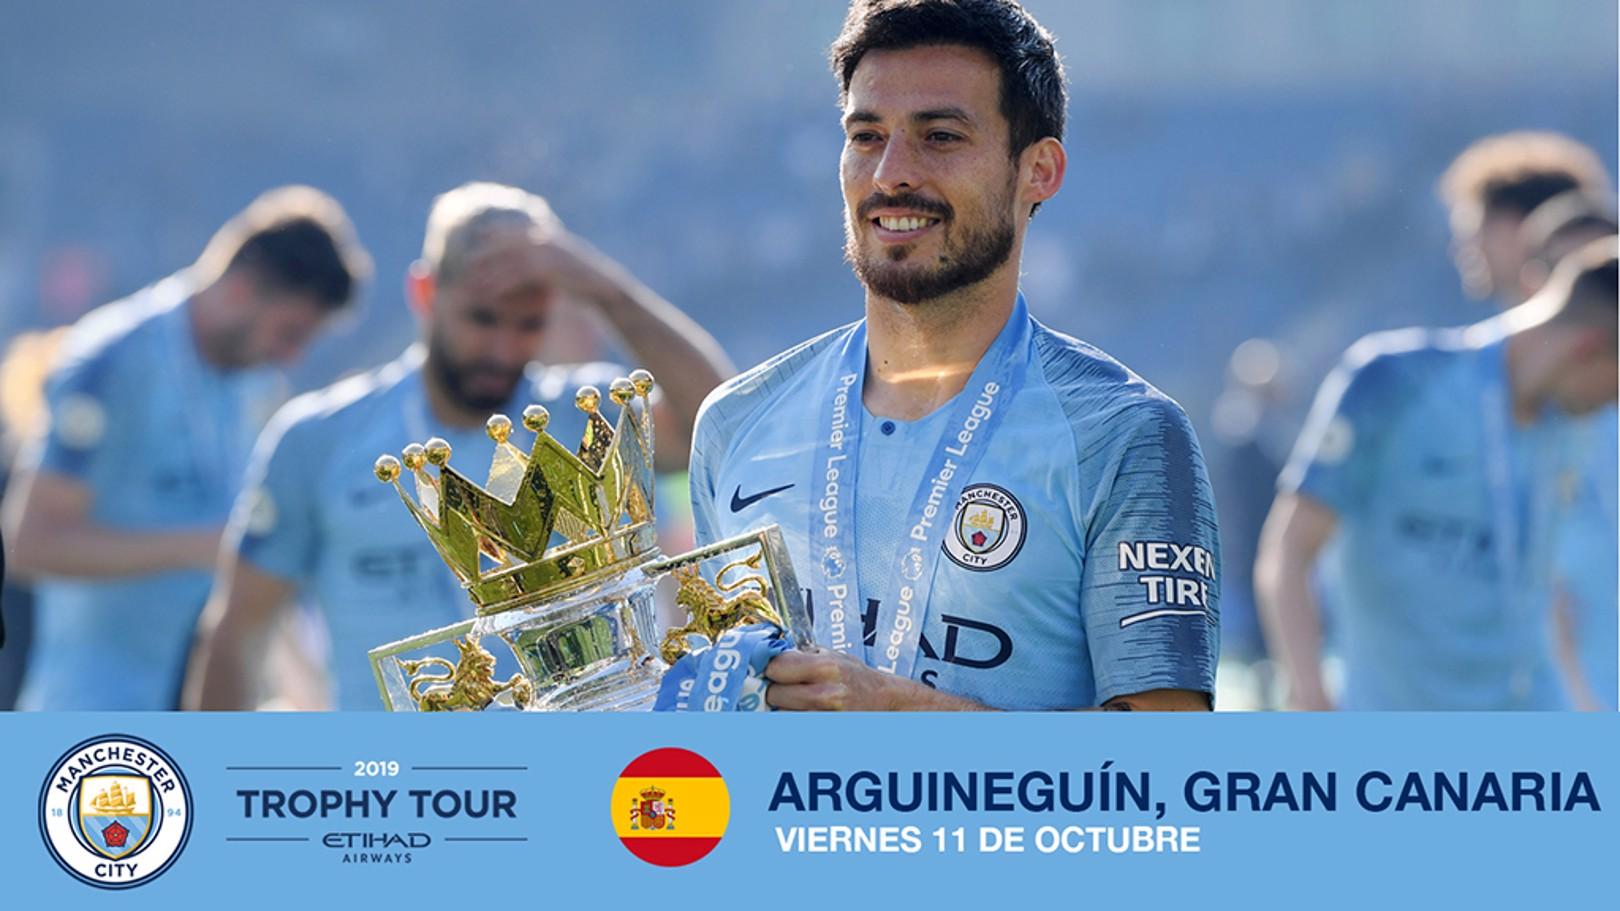 TROPHY TOUR. Los trofeos del City visitarán Gran Canaria.